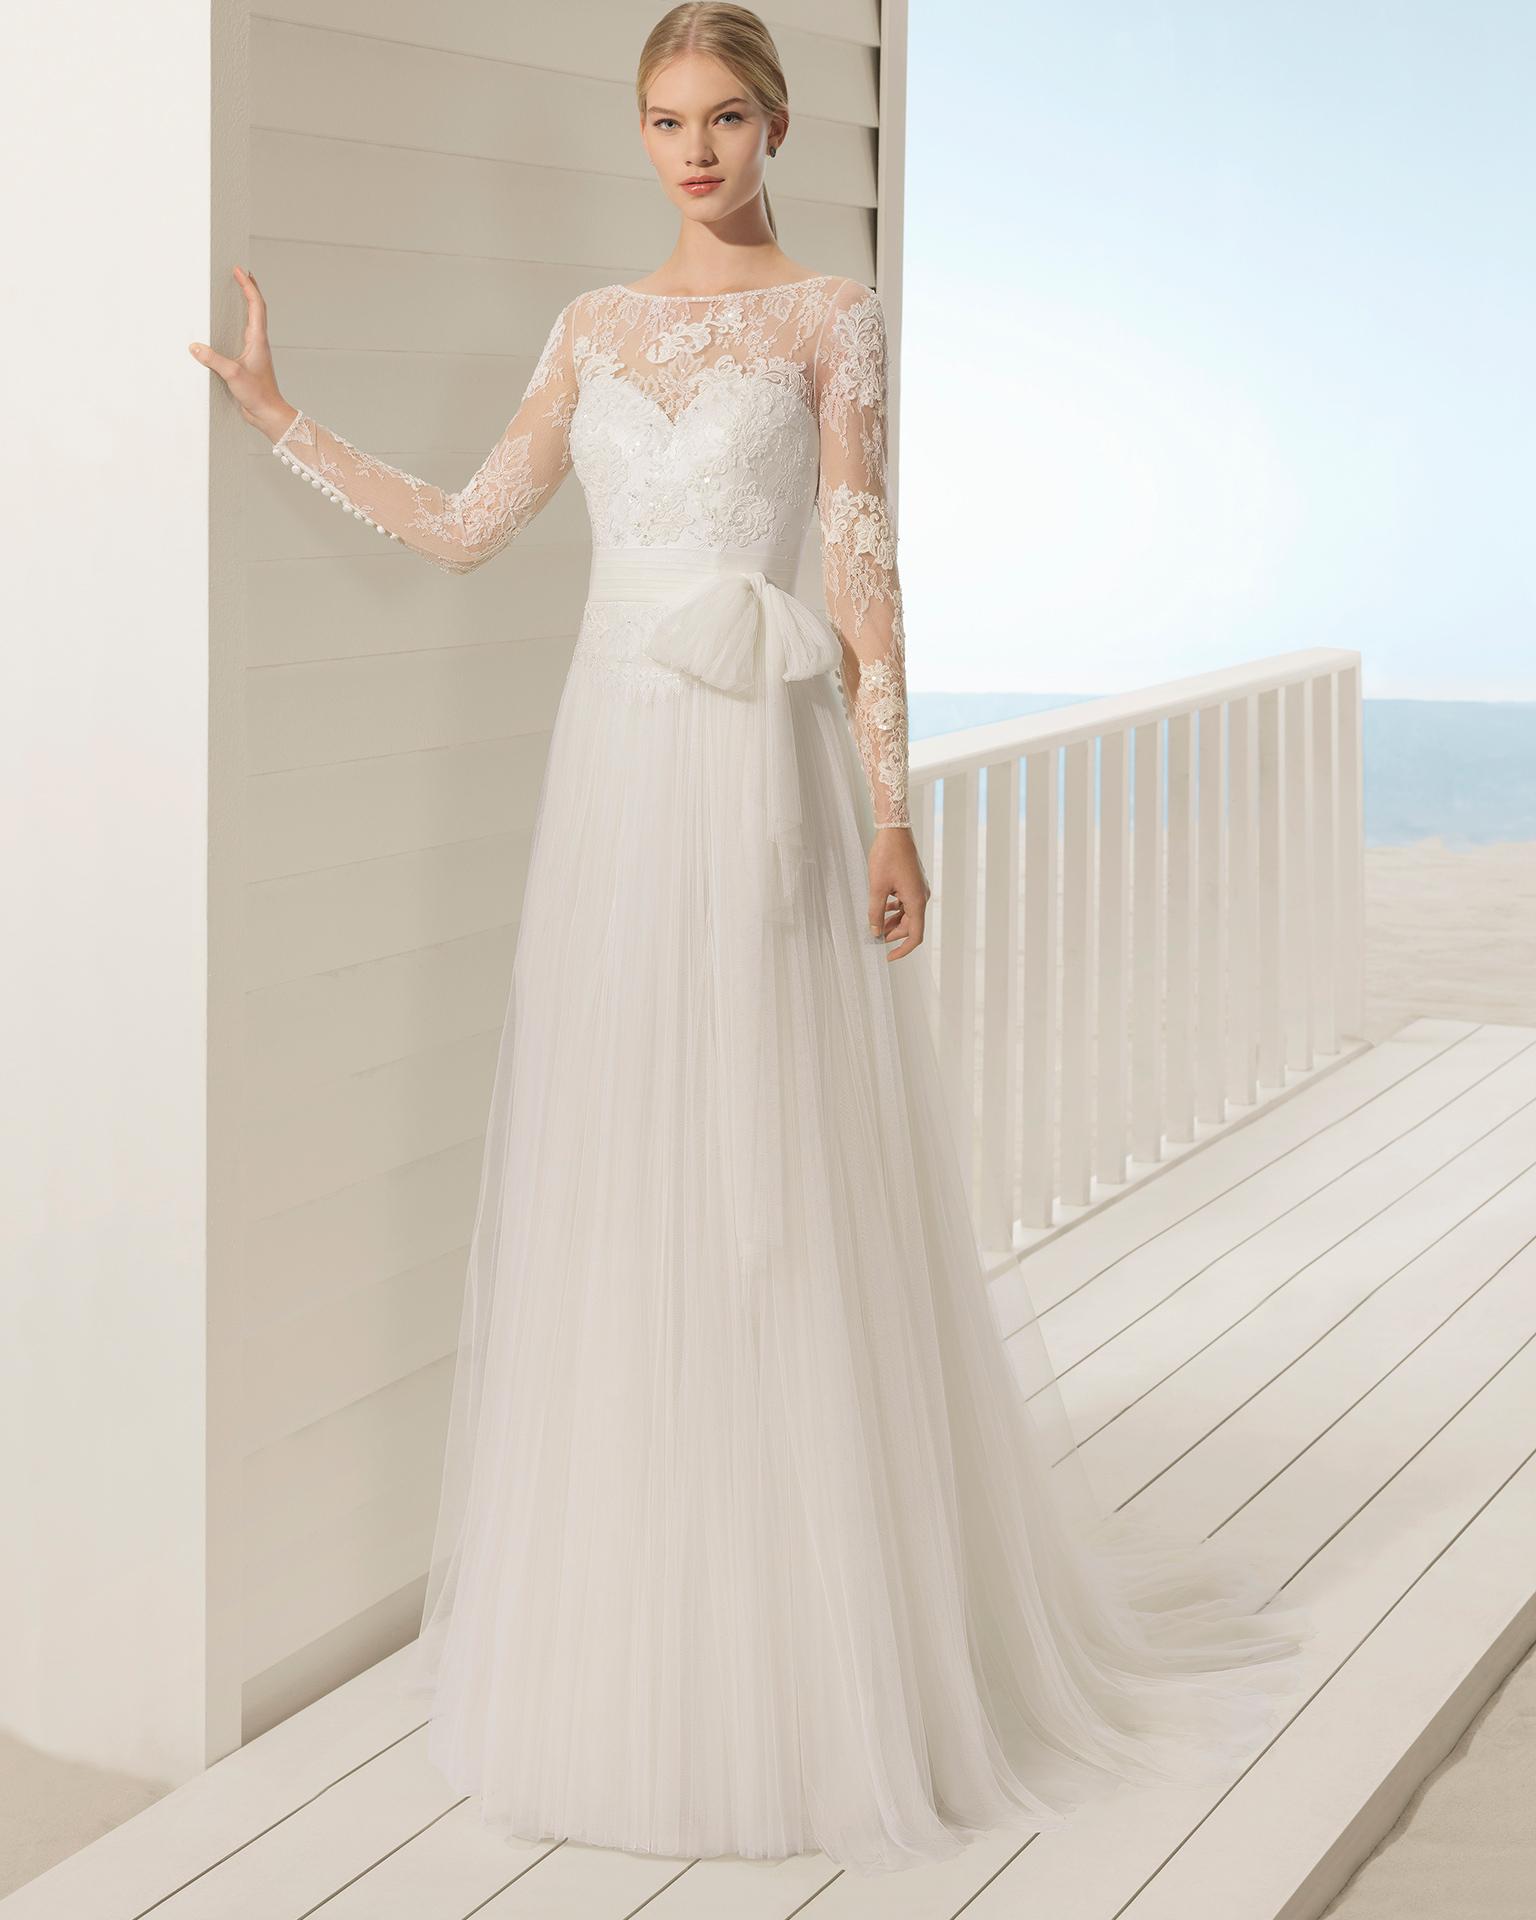 珠饰蕾丝薄纱长袖A字裙新娘婚纱, 透明衬垫低背式全长裙设计。